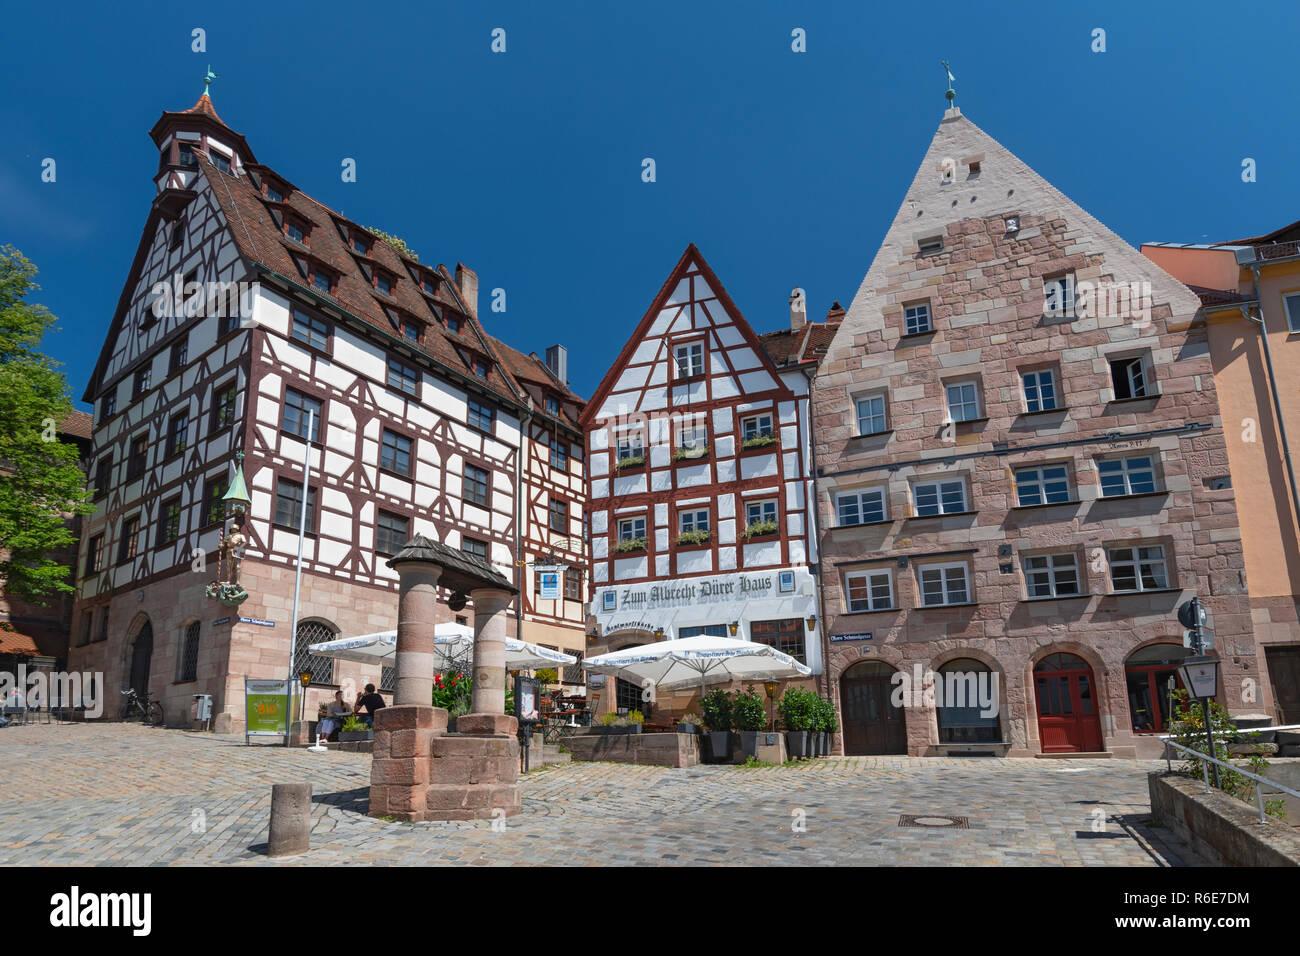 Altstadt und dem Platz Tiergärtnertorplatz mit dem Haus Pilatushaus und das Restaurant Albrecht-Duerer-Haus, Mittelfranken, Bayern, Nürnberg, Stockbild